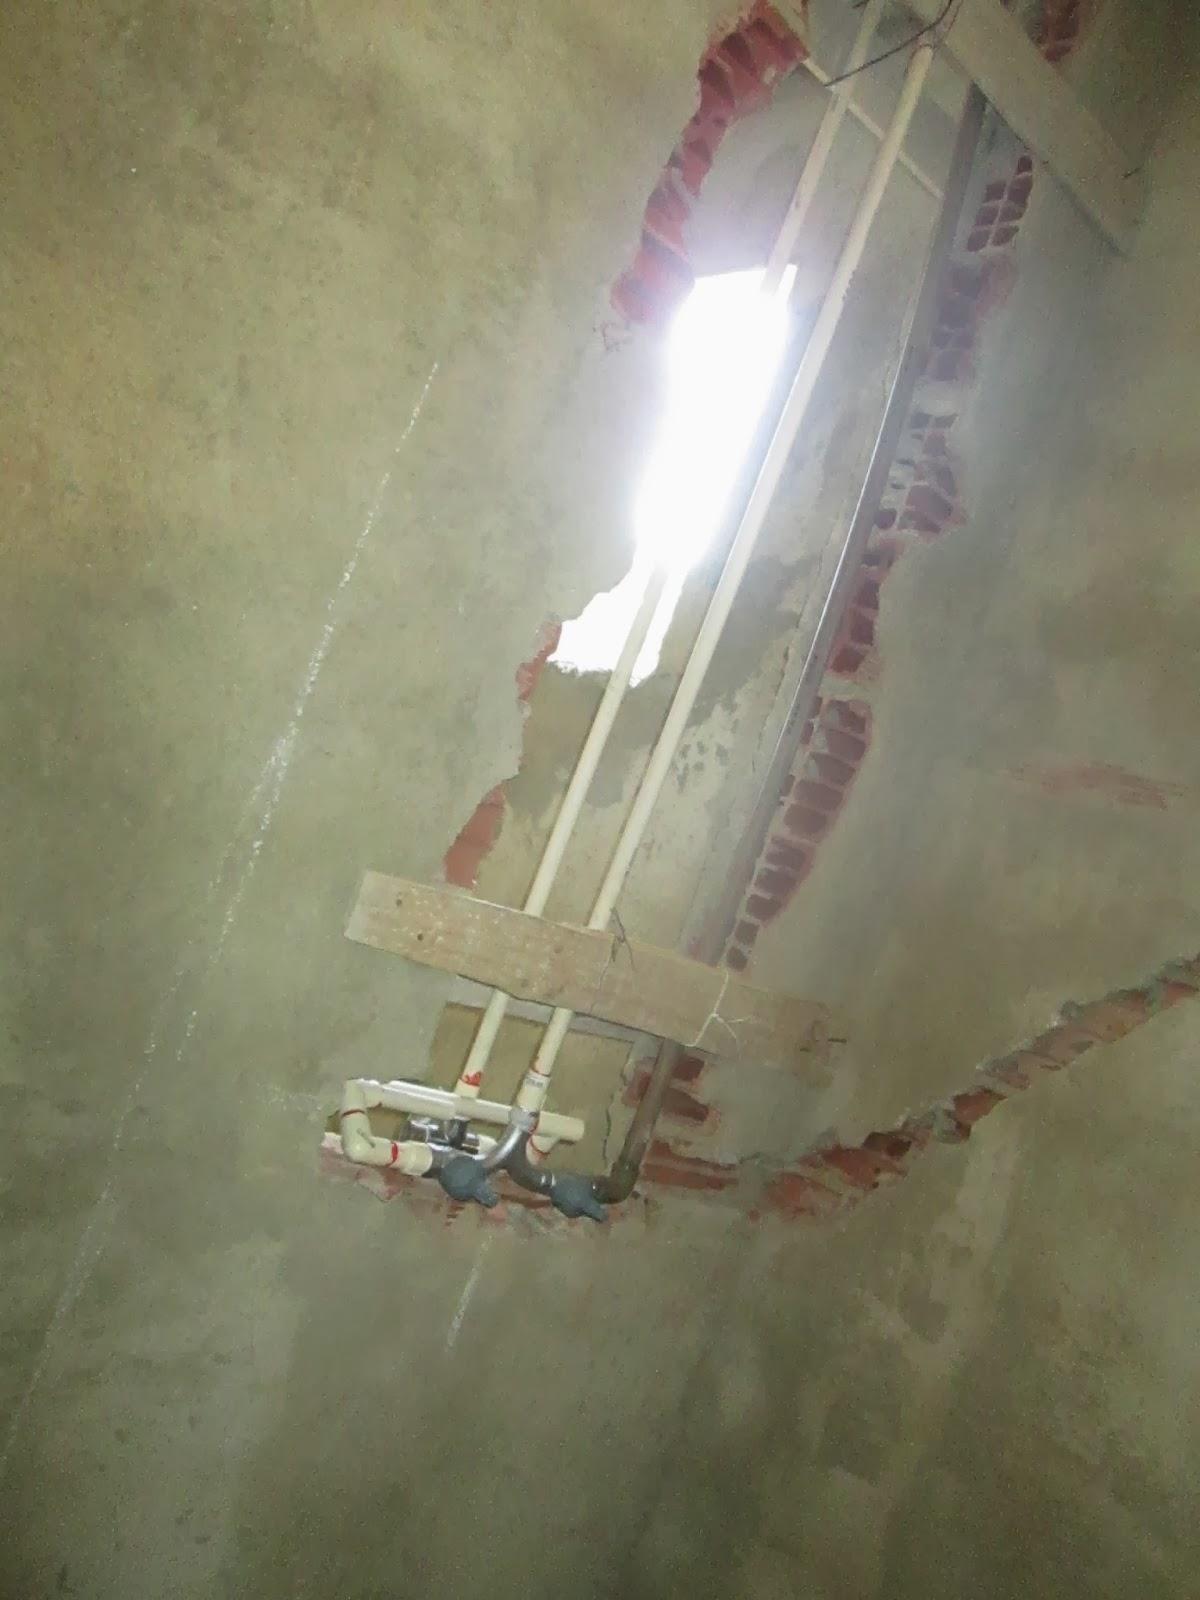 Construindo e Reformando: Balanço de seis meses de obra #5F4D3C 1200 1600